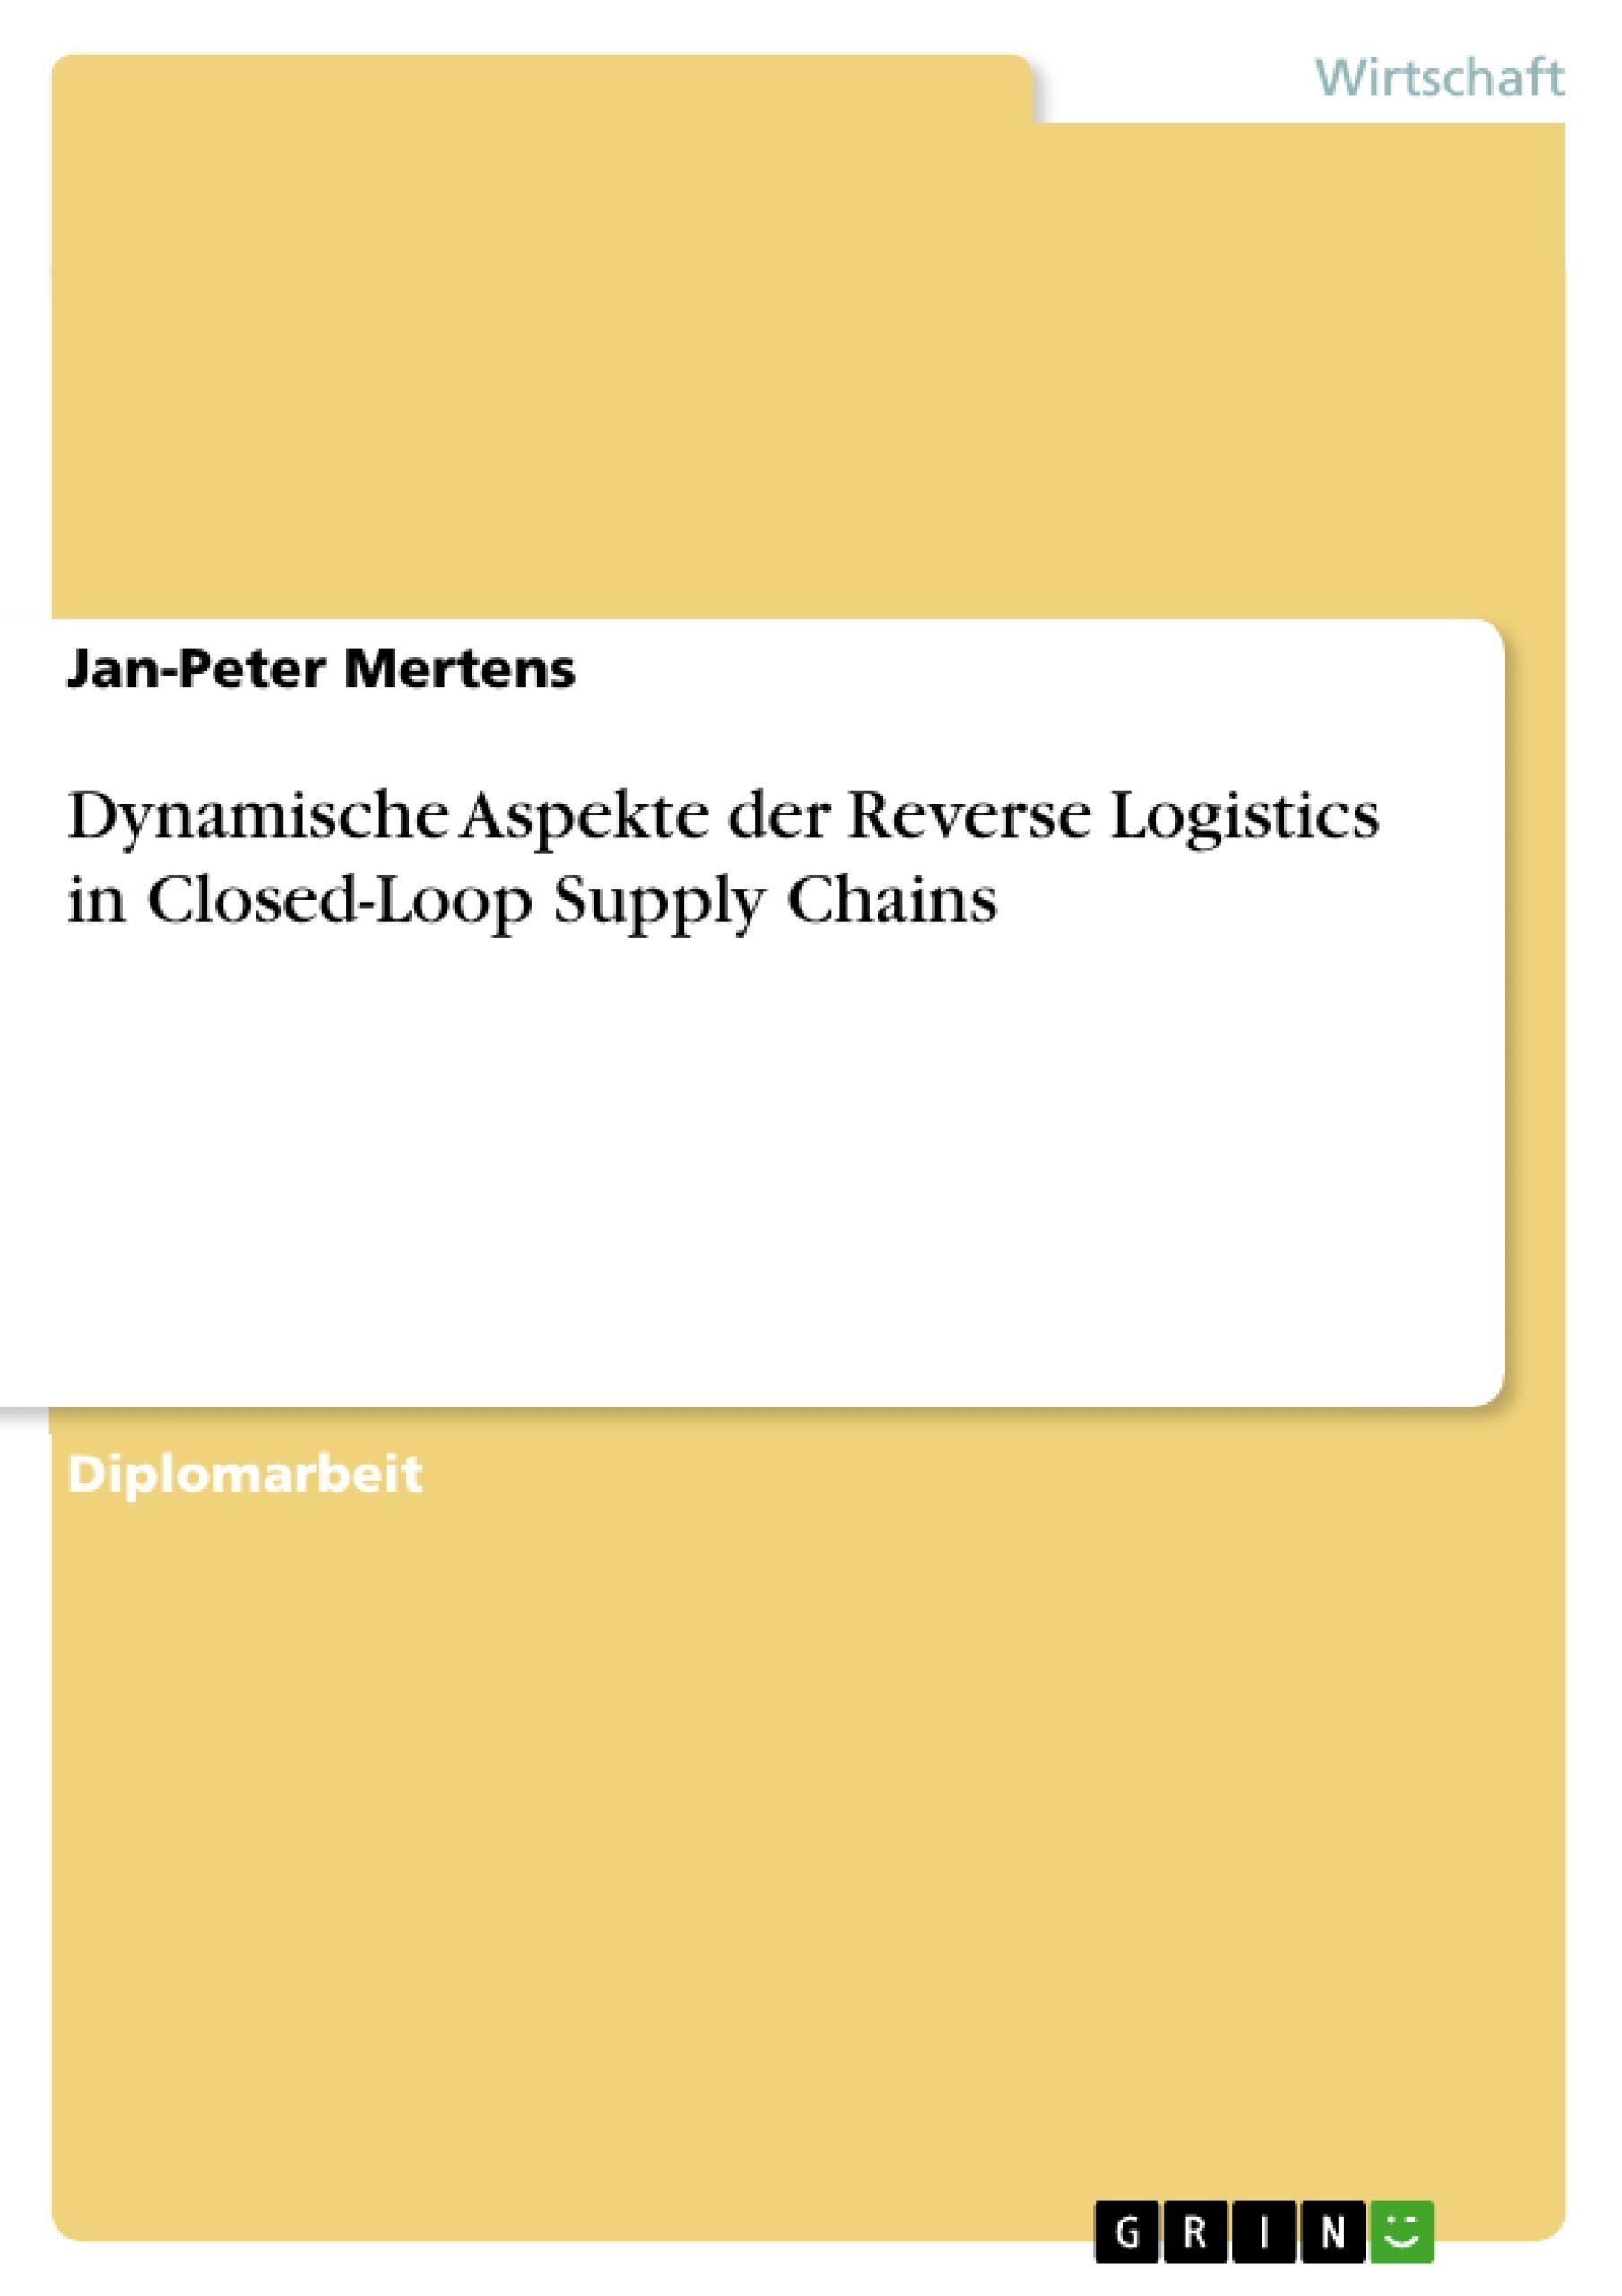 Titel: Dynamische Aspekte der Reverse Logistics in Closed-Loop Supply Chains